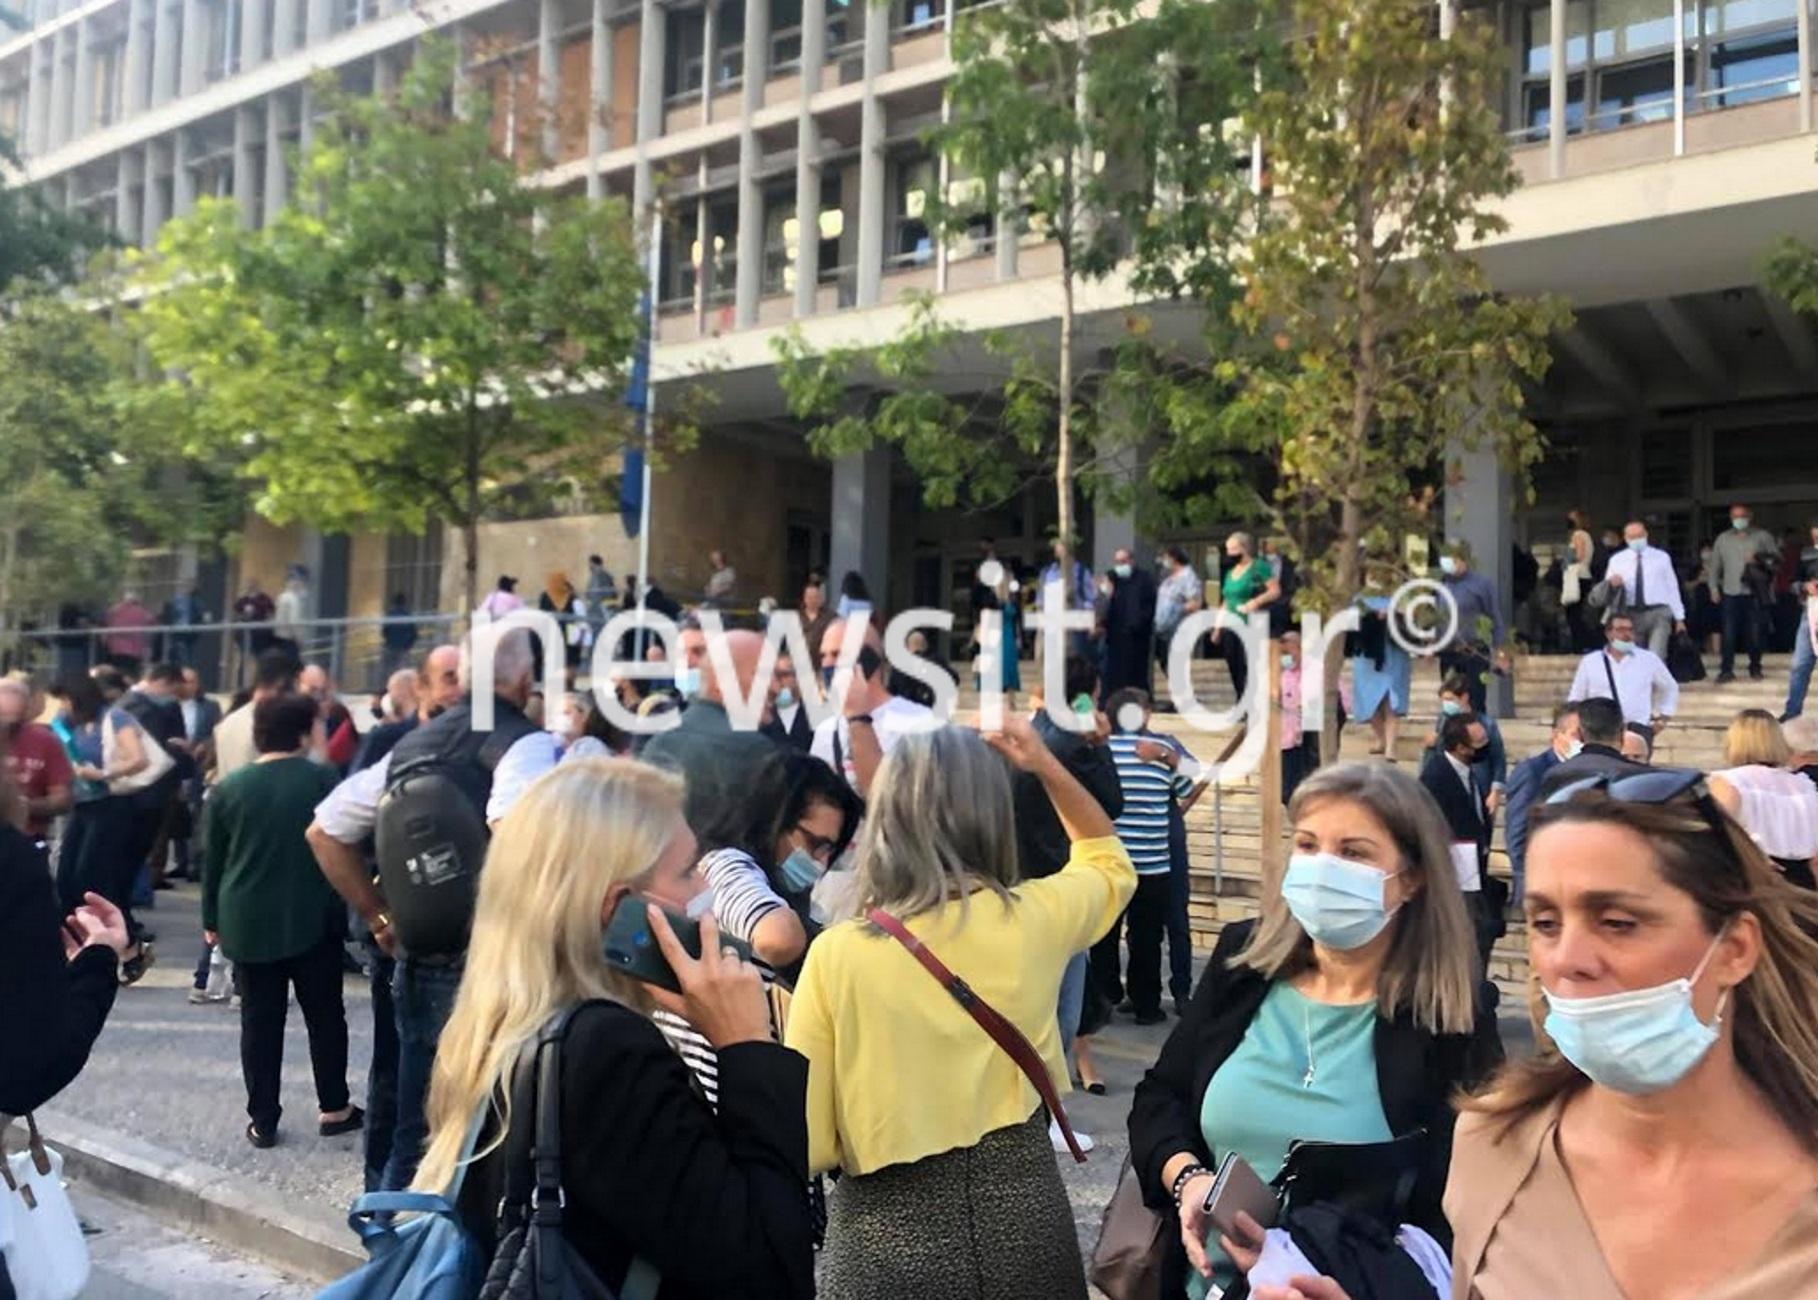 Θεσσαλονίκη: Εκκενώθηκαν τα δικαστήρια μετά από τηλεφώνημα για τοποθέτηση βόμβας